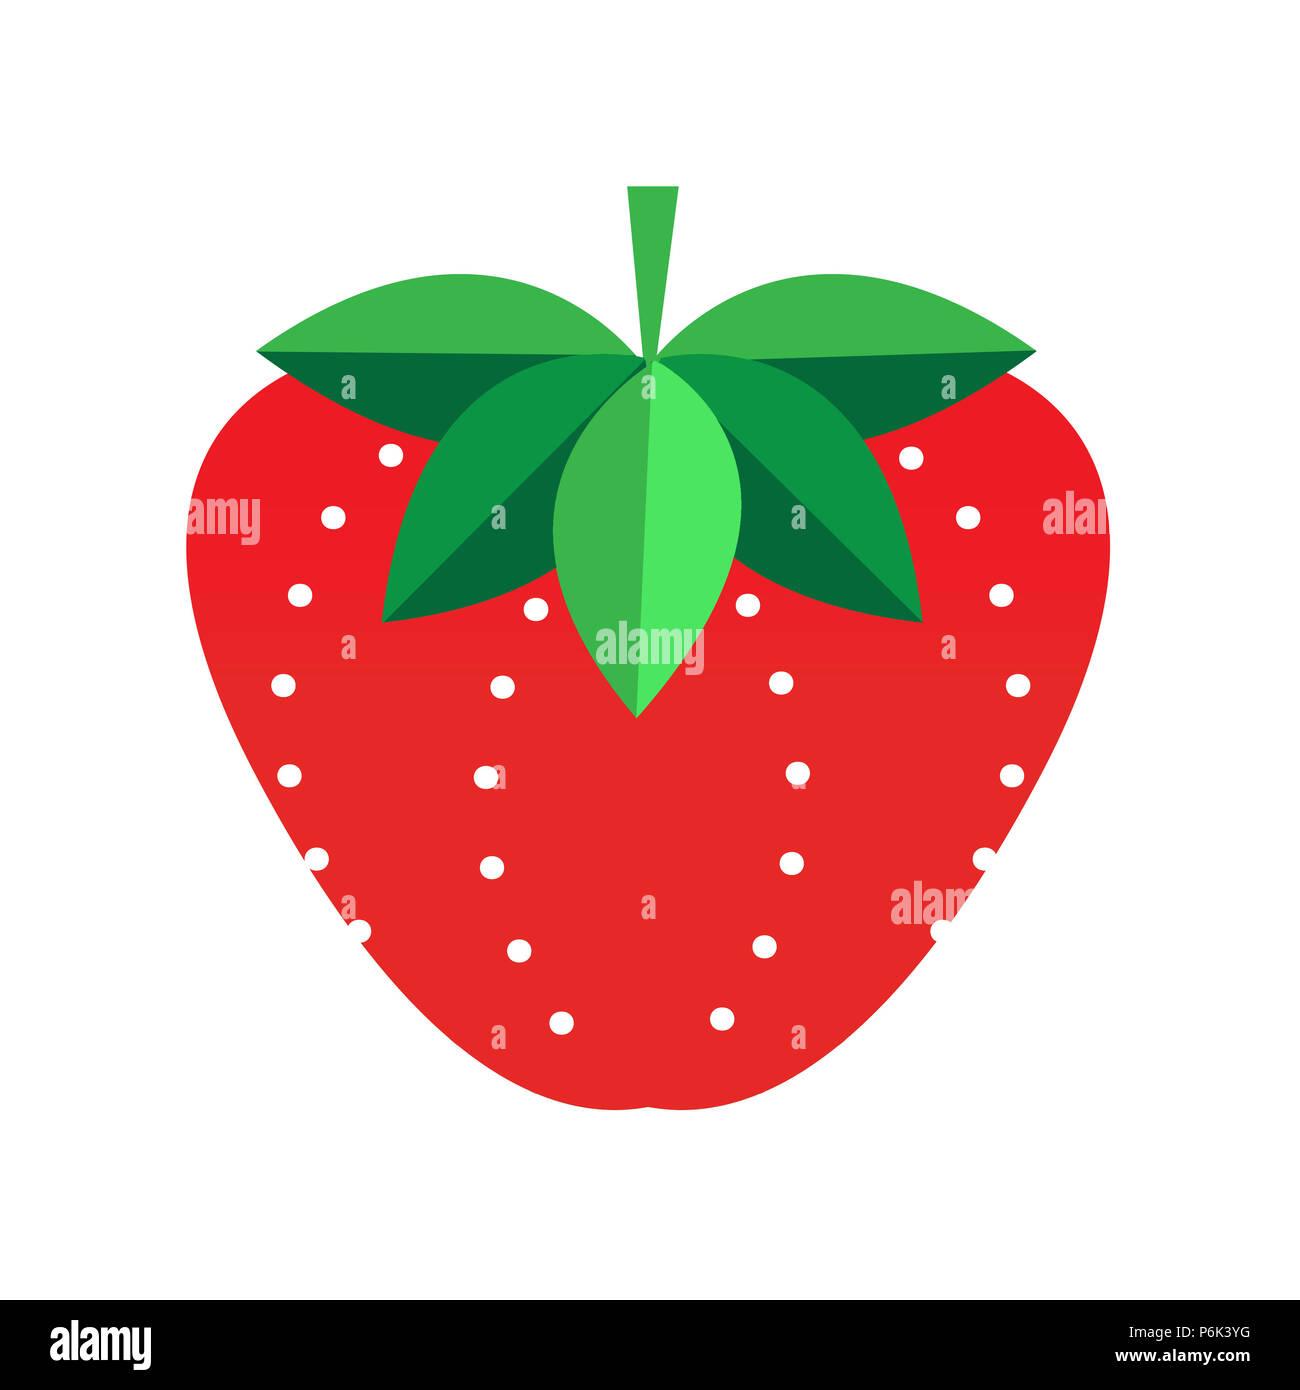 Illustration d'une fraise sur un fond blanc. Feuilles stylisées et de semences viables. Moderne, frais, amusant. Photo Stock